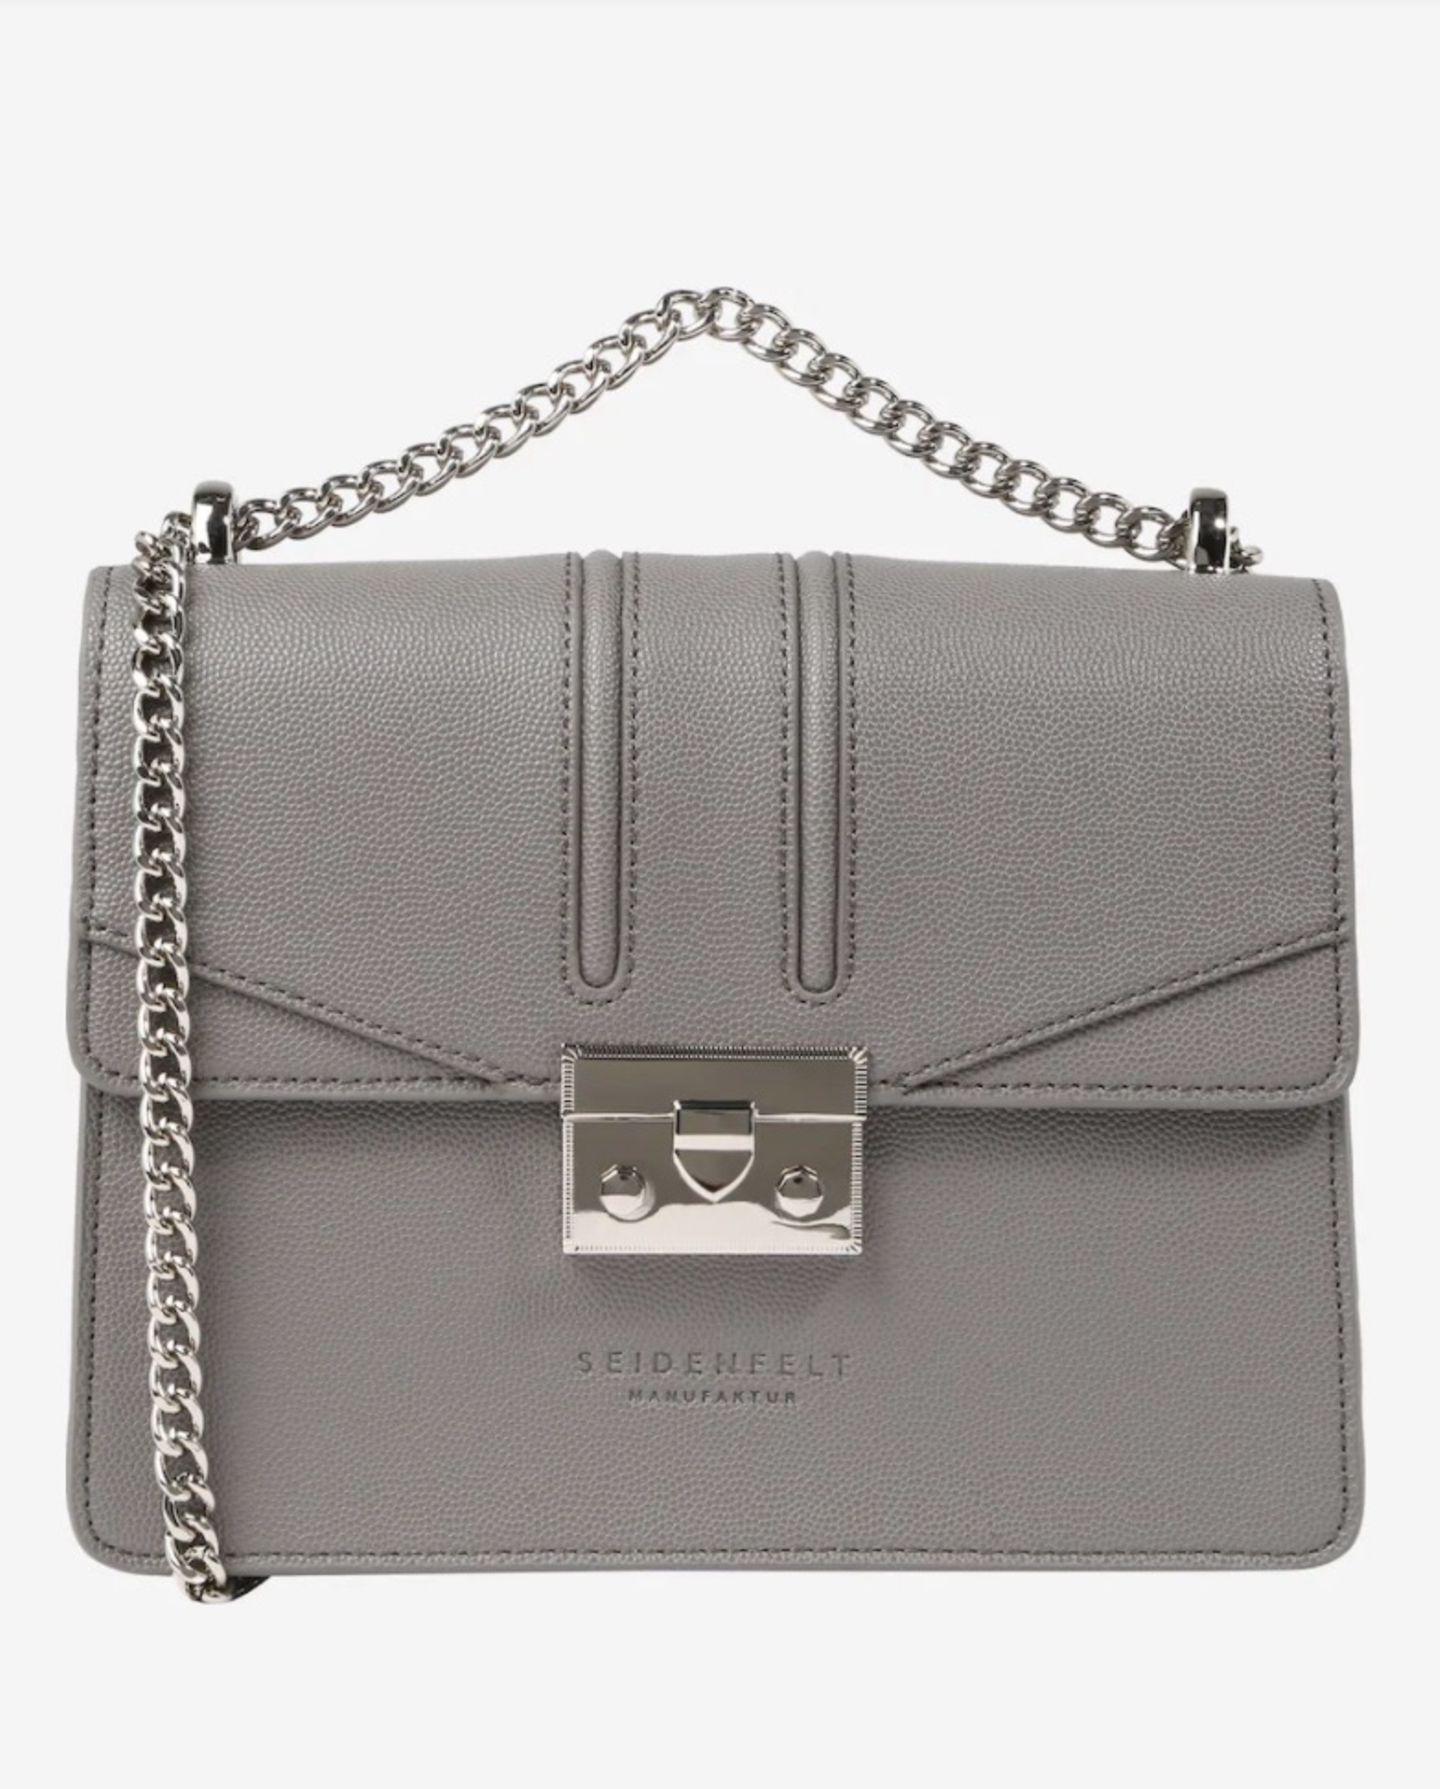 Zum Businesslook oder süßen Sommerkleid – diese Tasche ist ein echter Fashion-Allrounder! Von Seidenfelt Manufaktur über About You, reduziert auf 60 Euro.